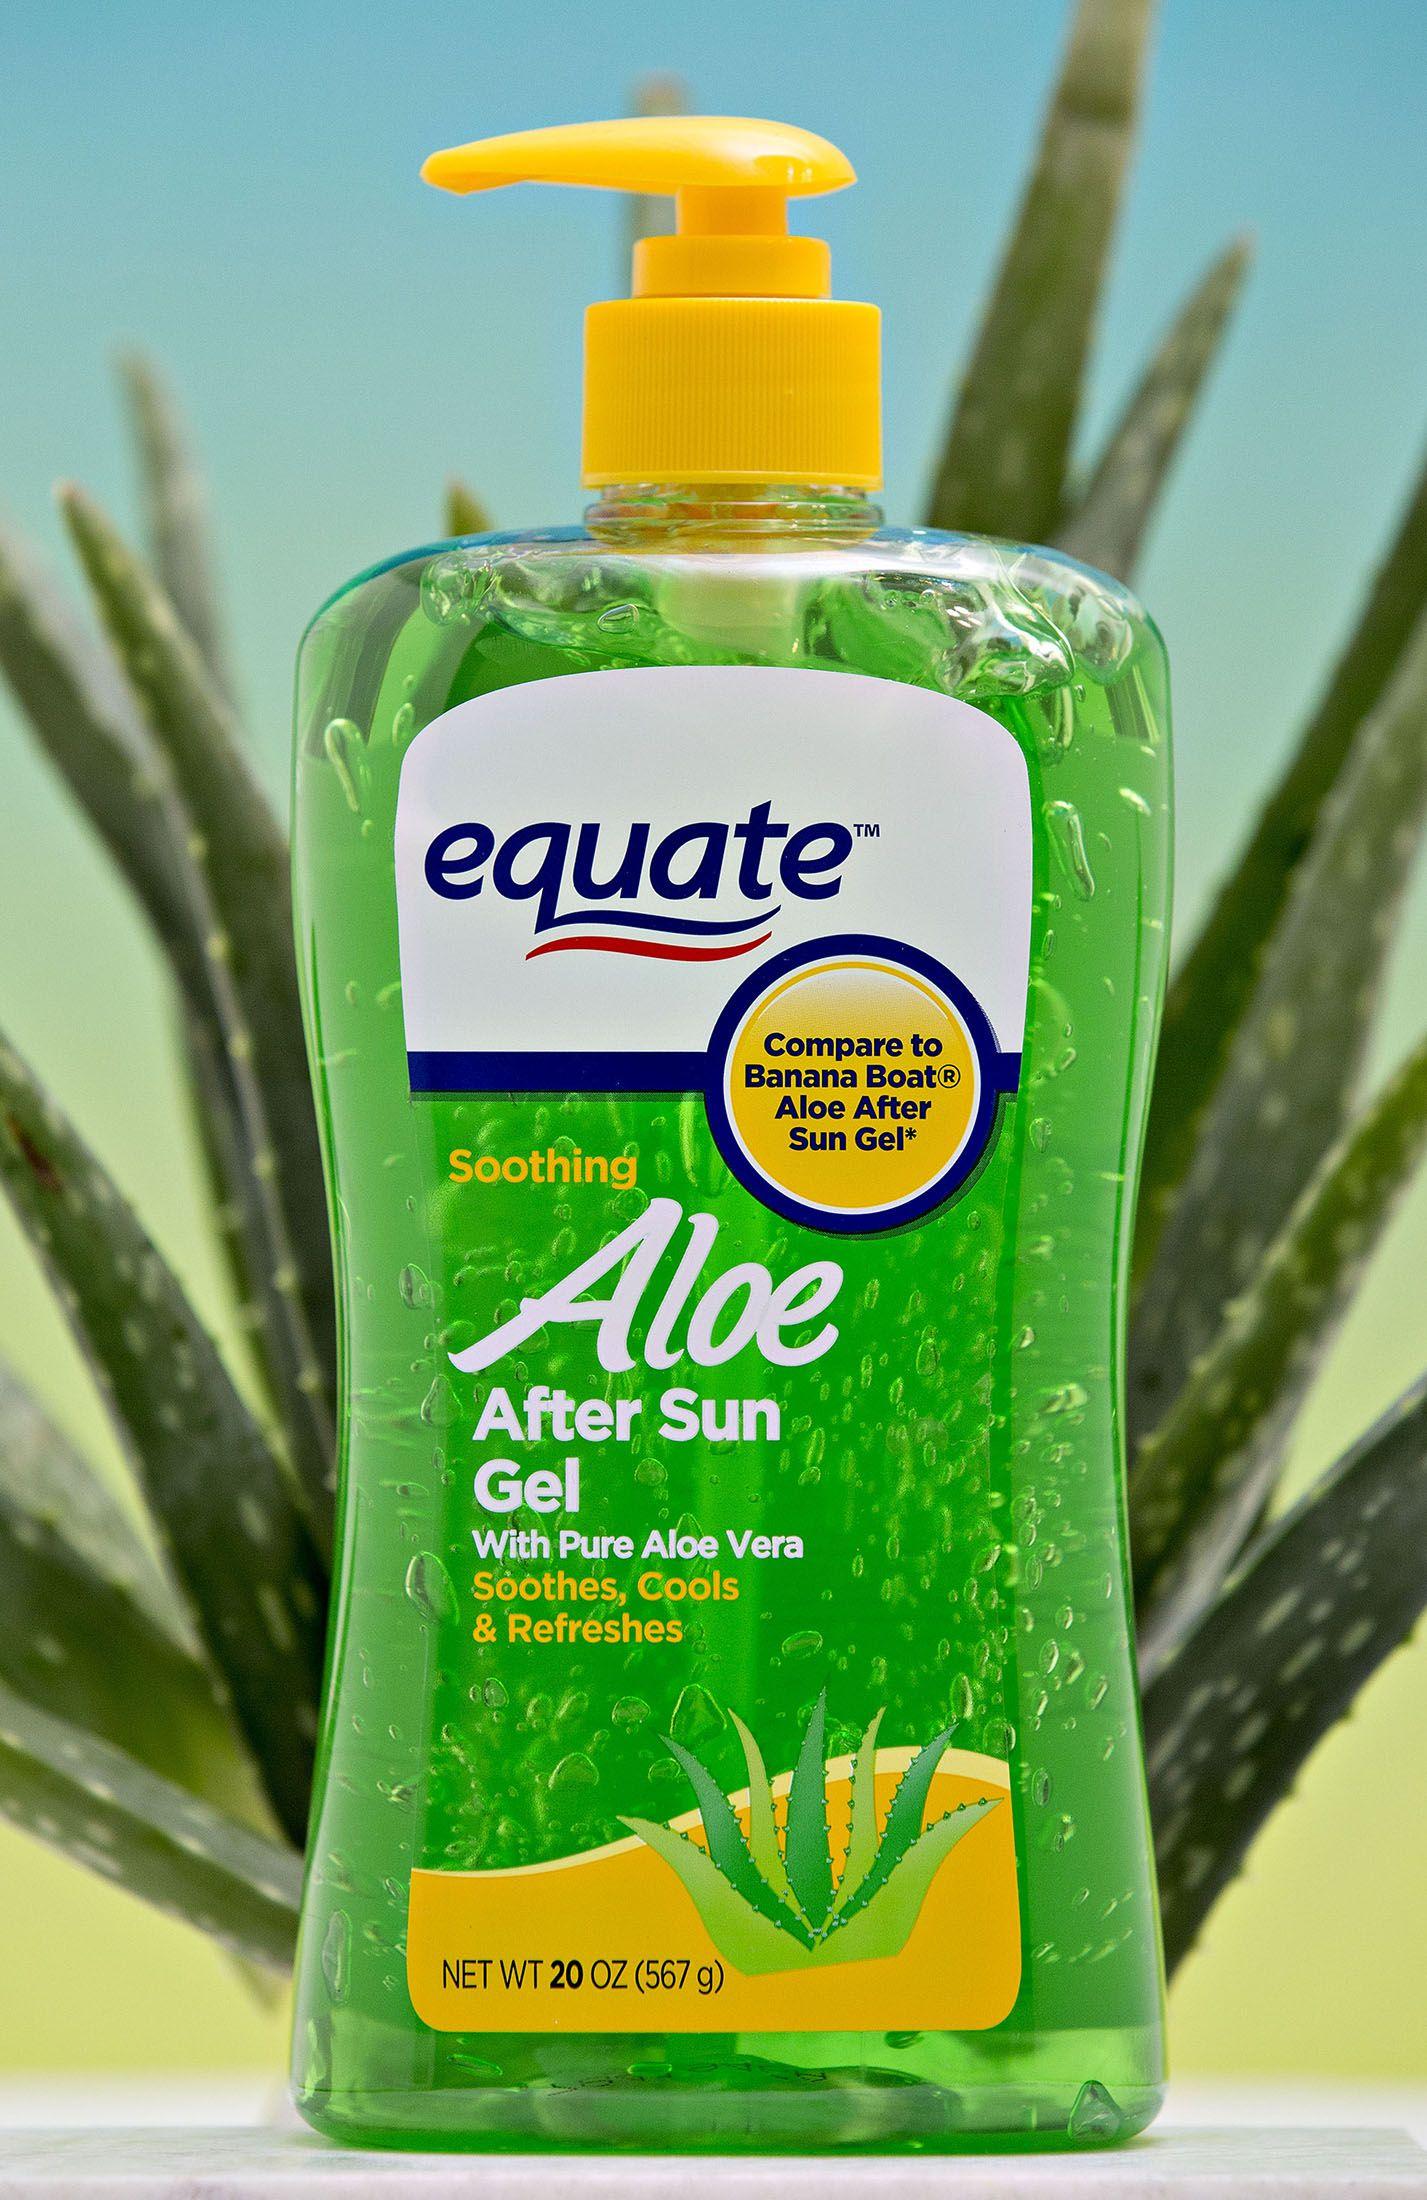 There S No Evidence Of Aloe Vera Found In These Aloe Vera Gels Aloe Vera Skin Care Aloe Vera Gel Aloe Vera